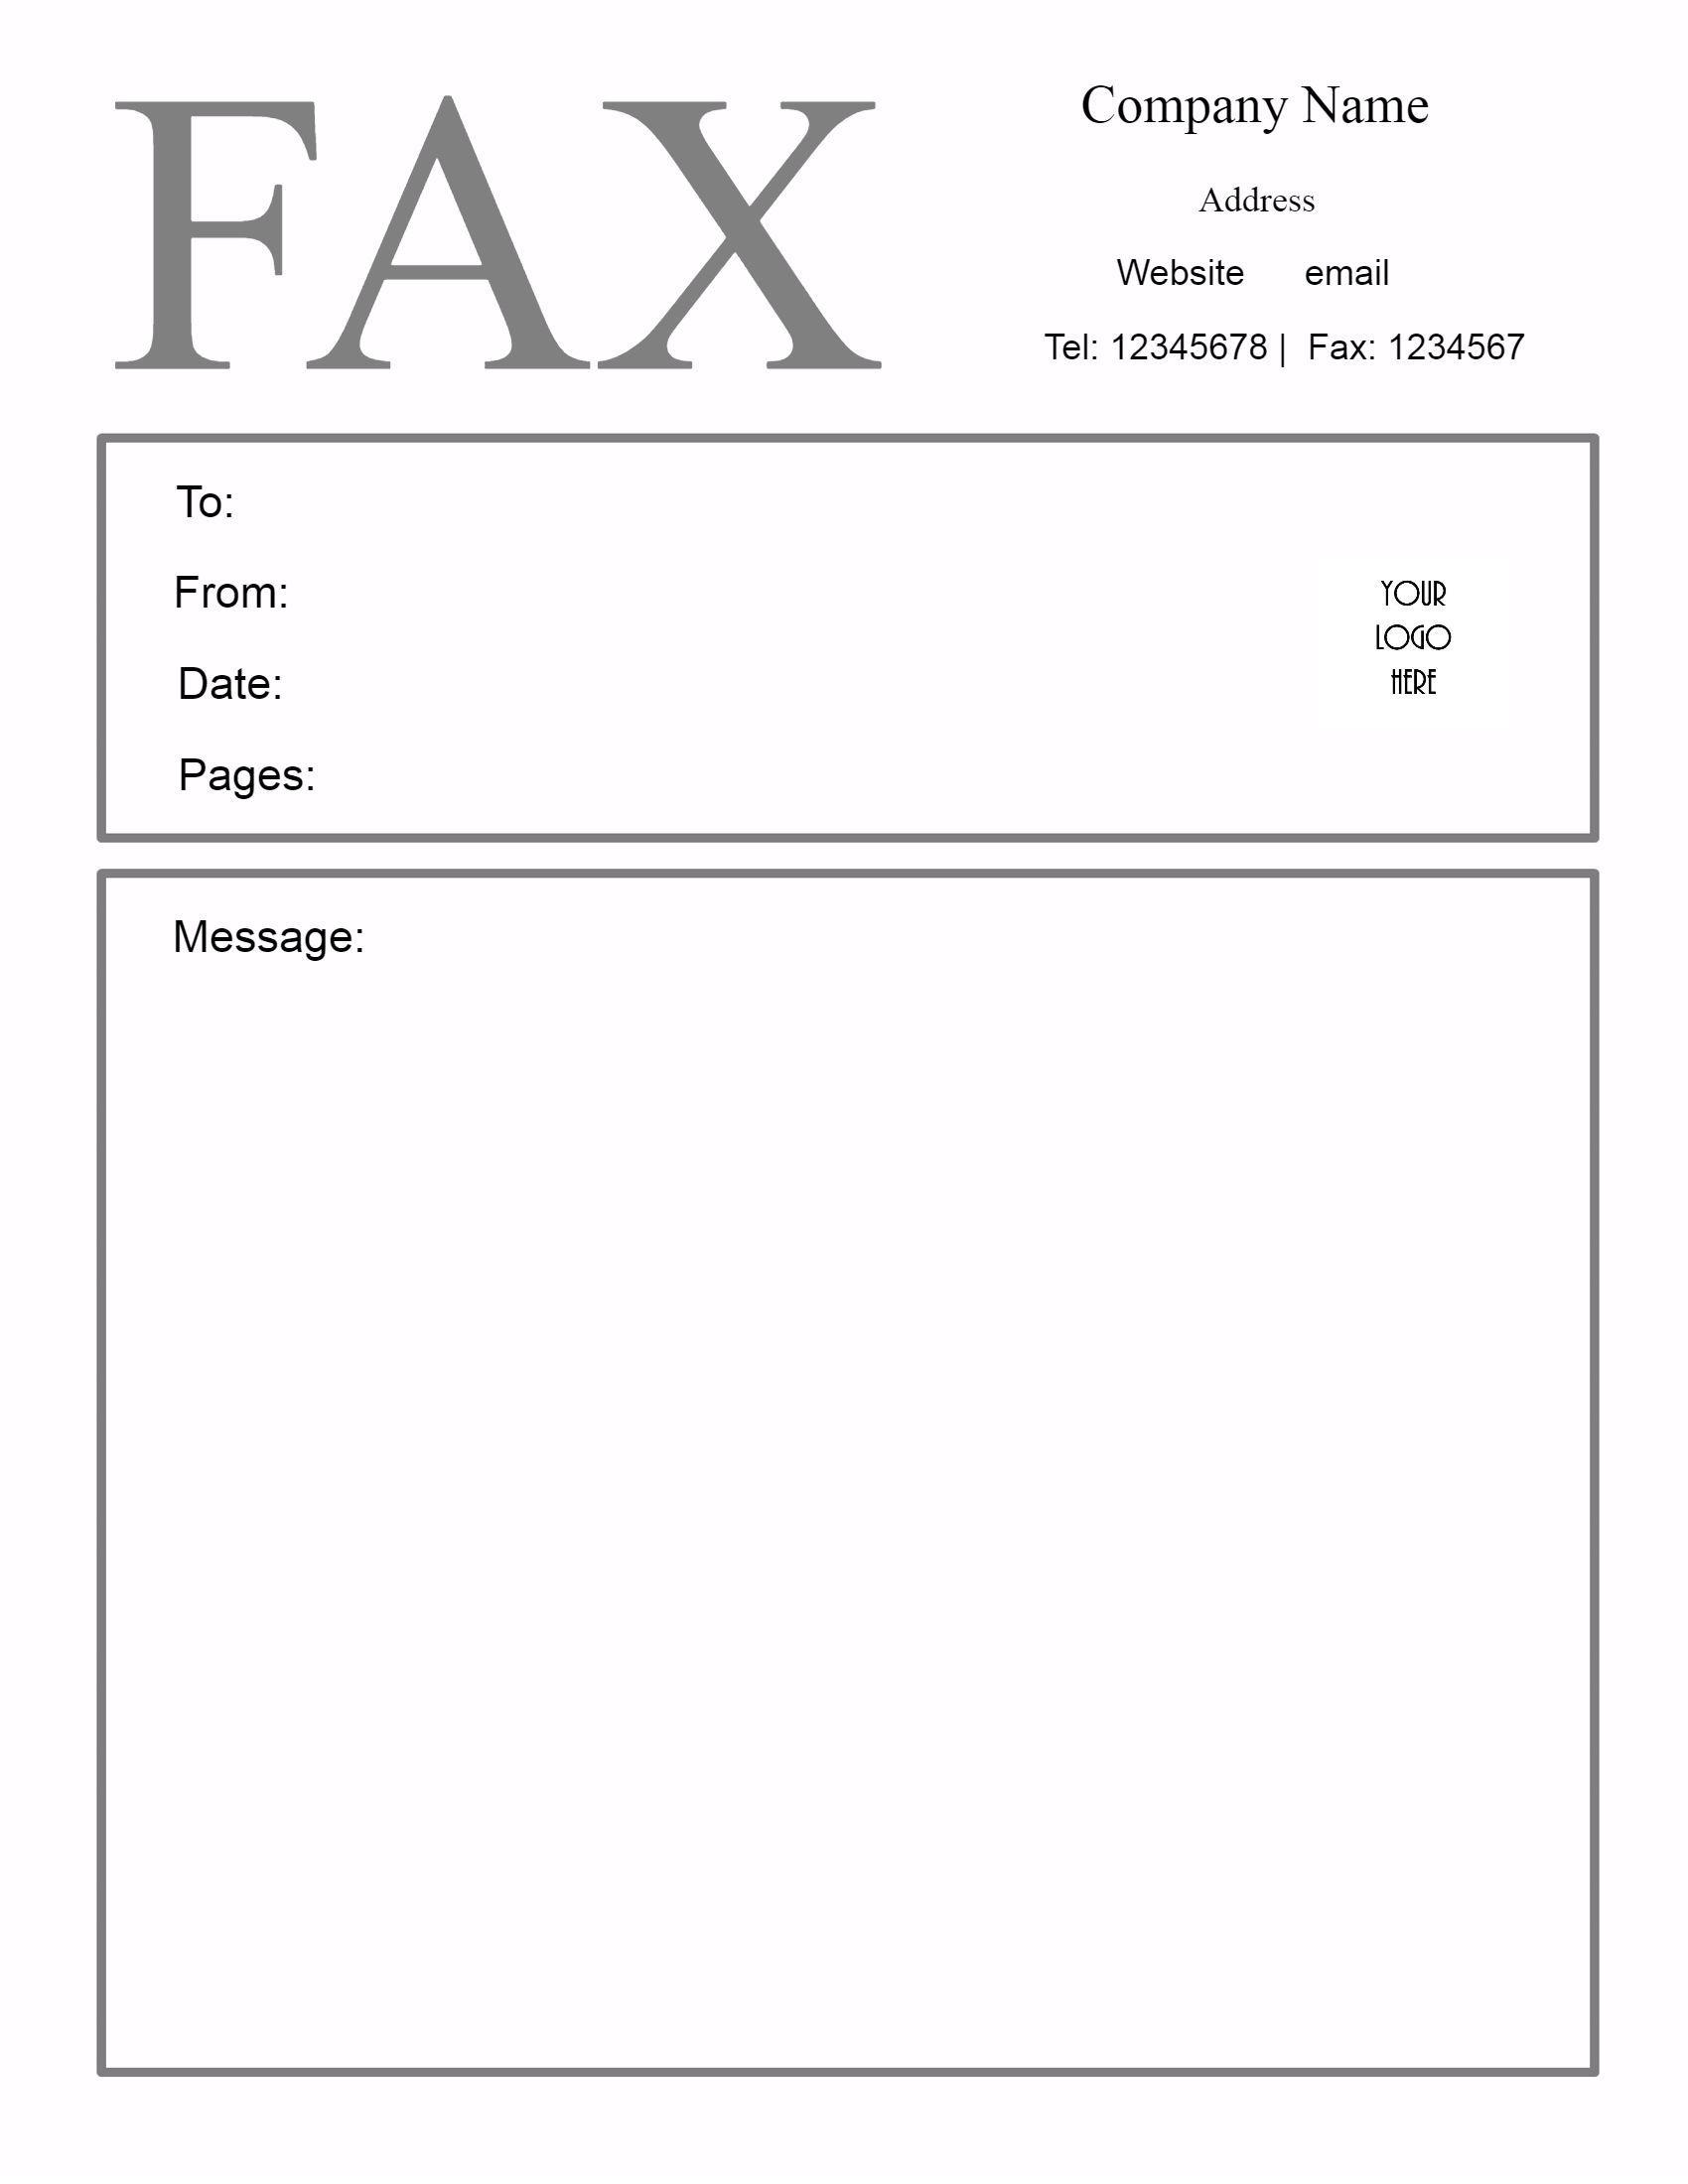 Personal Fax Cover Sheet HttpCalendarprintablehubComFaxCover